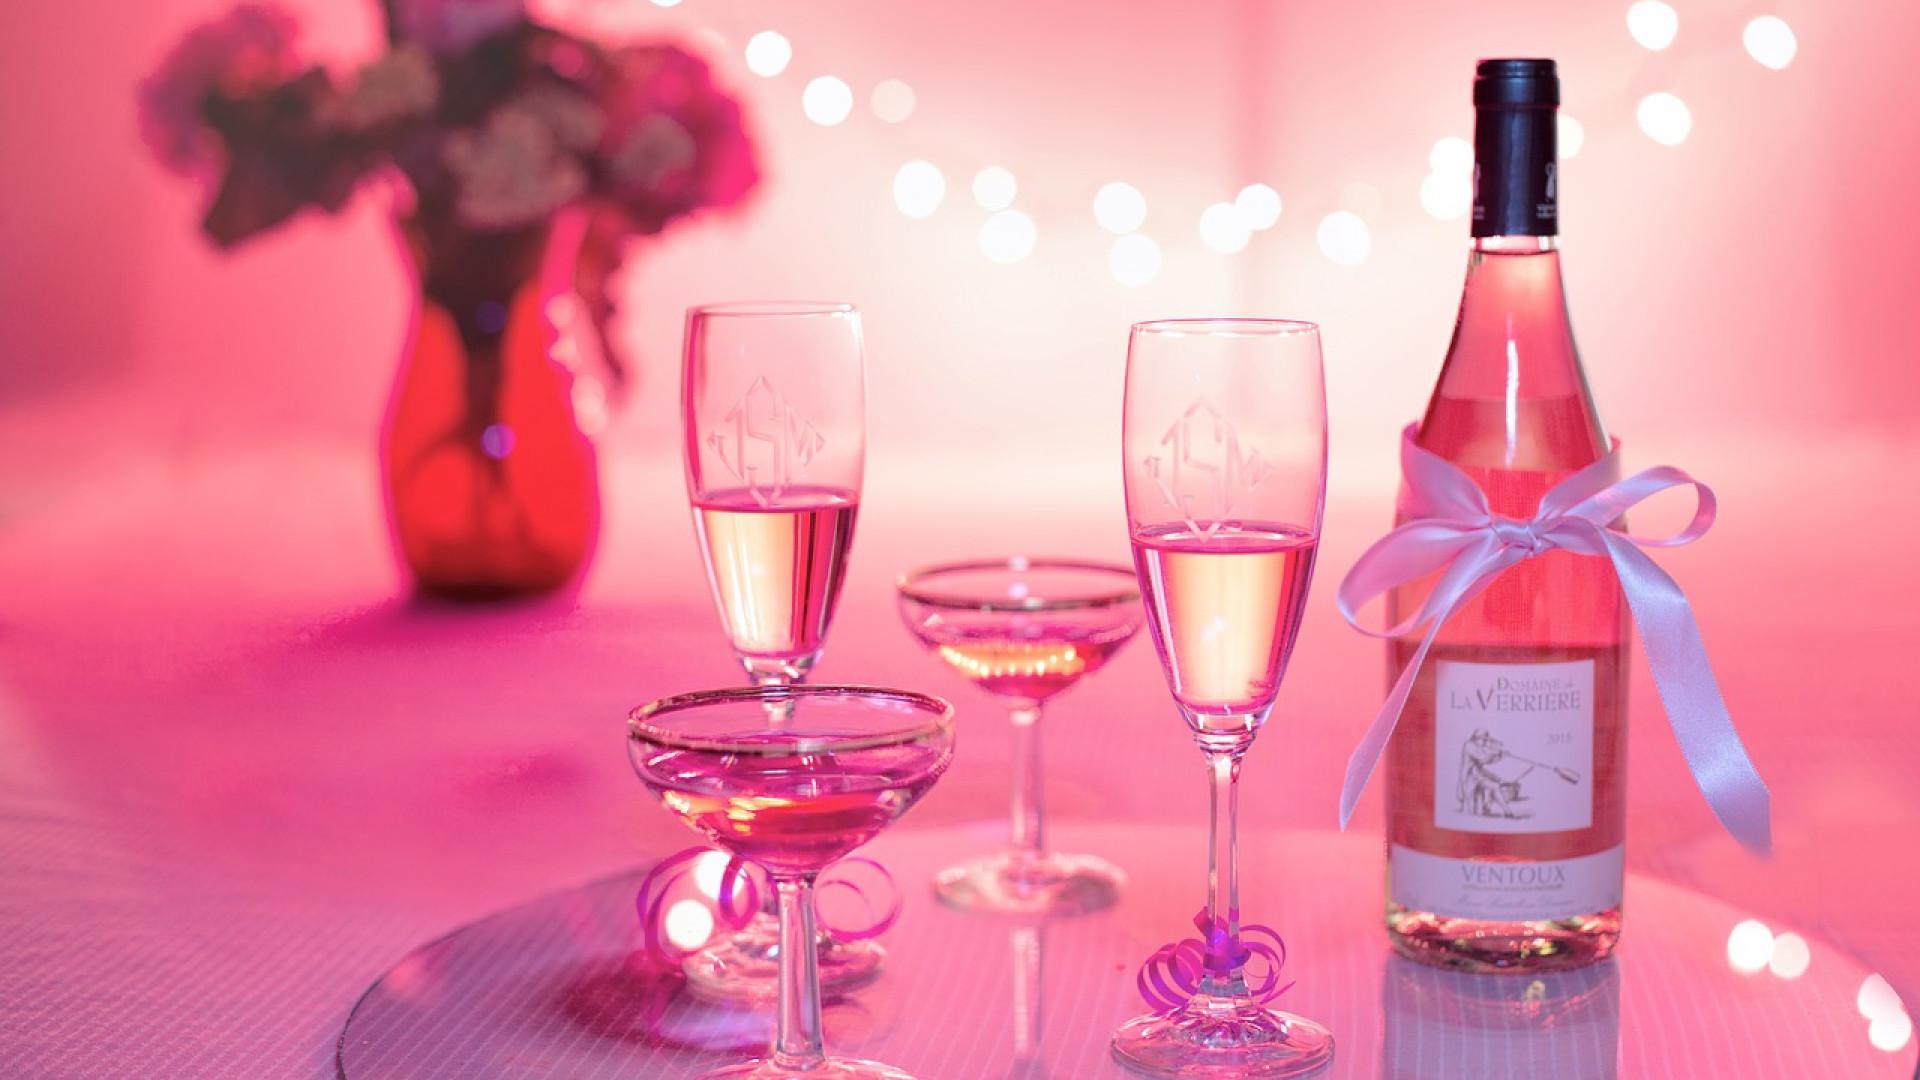 Dubosquet XO Cognac Grande Champagne, faites le choix d'un cognac de qualité